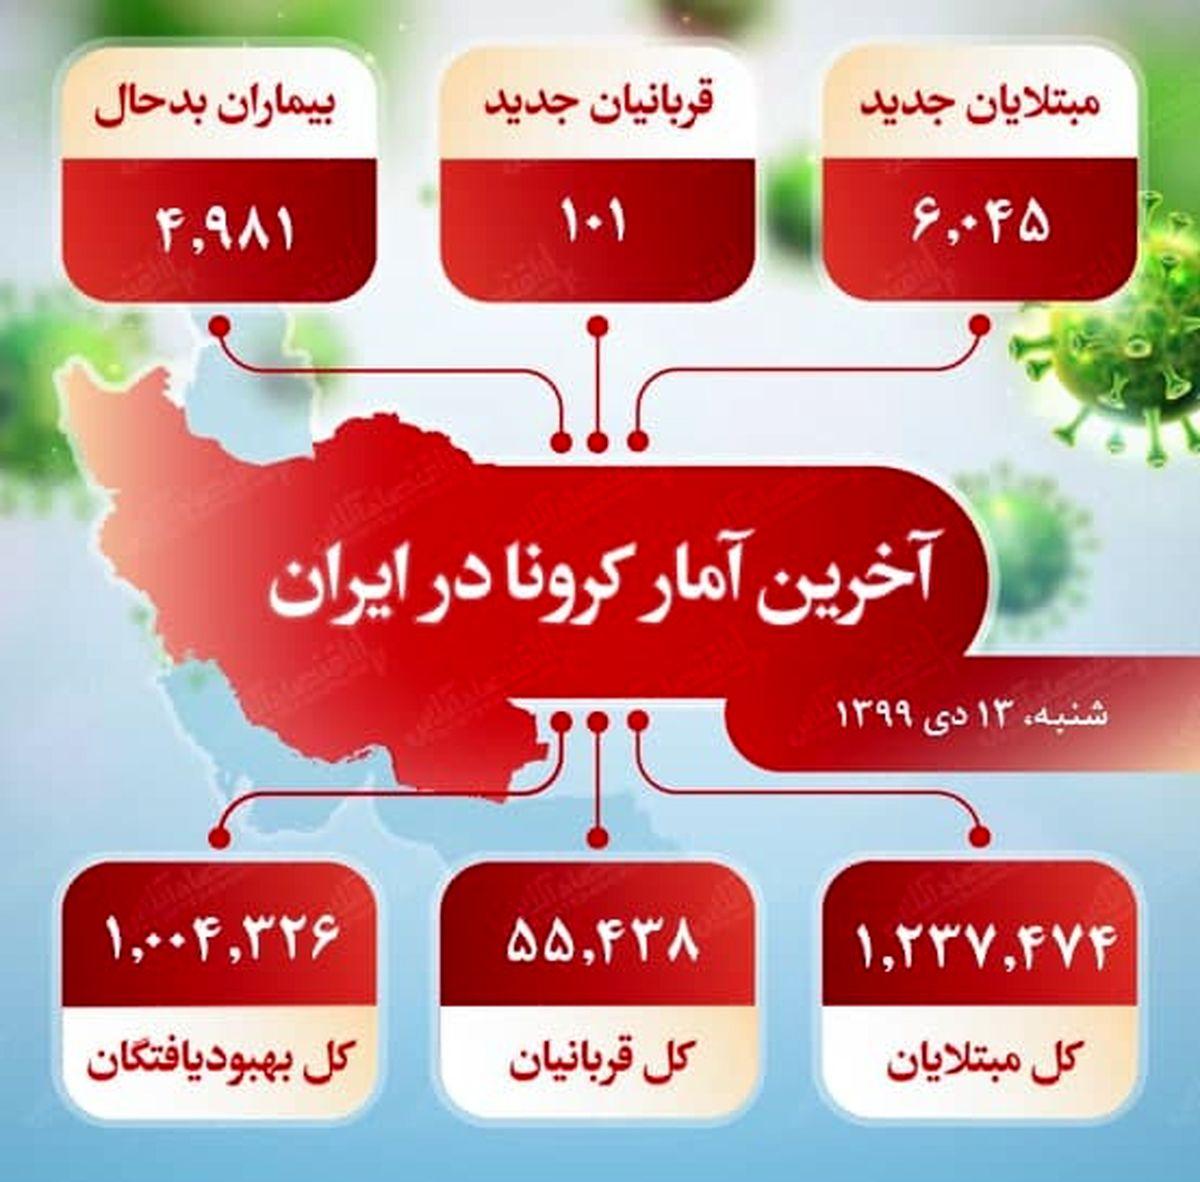 آخرین آمار کرونا در ایران (۹۹/۱۰/۱۳)